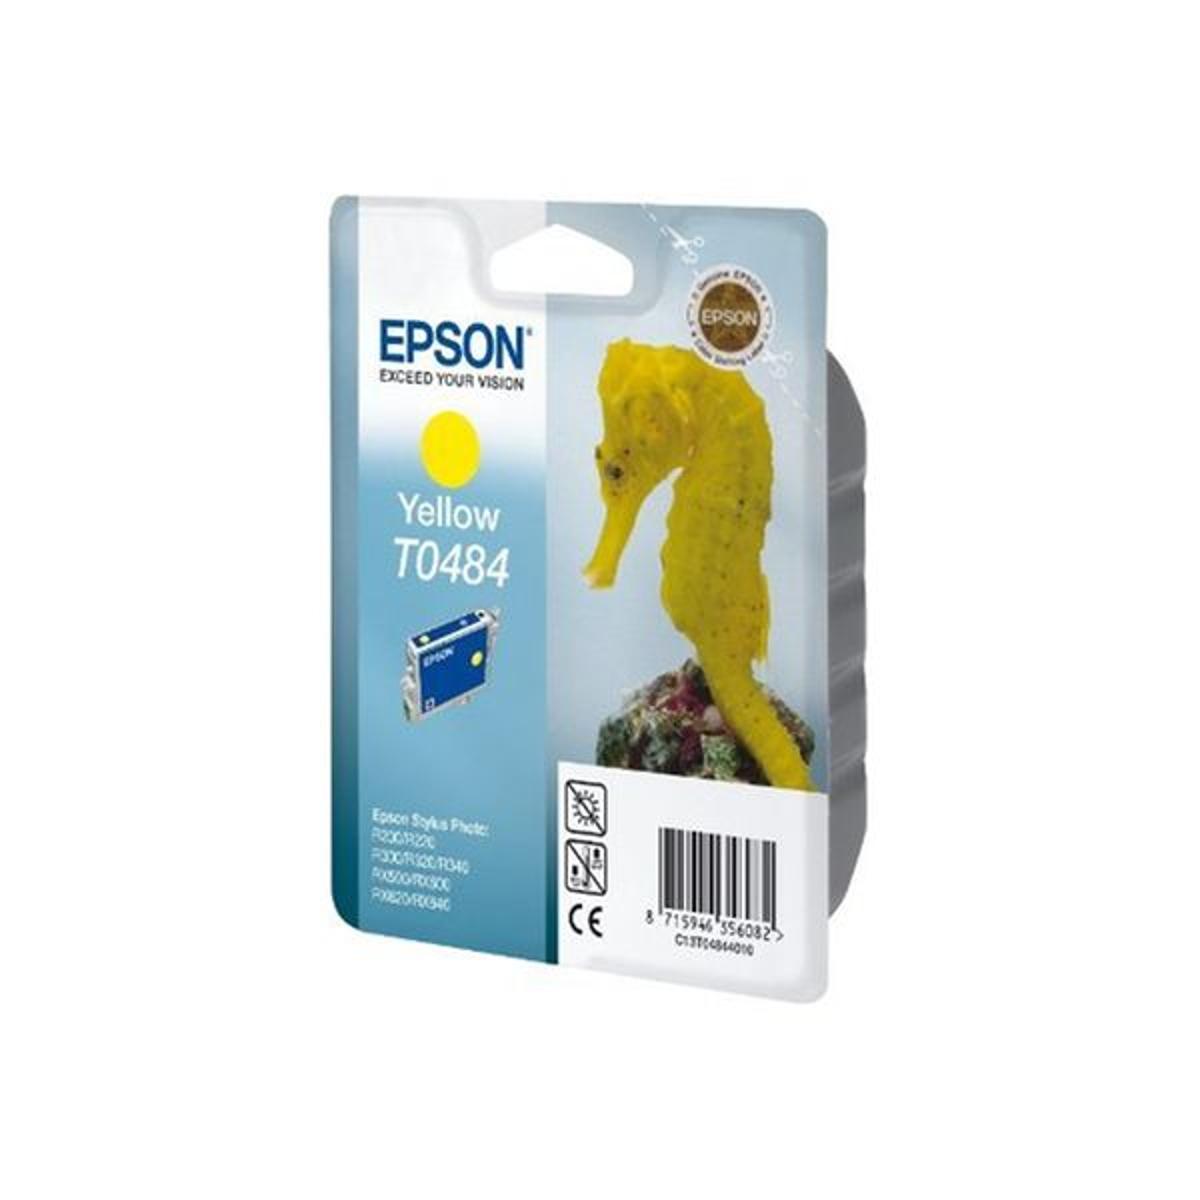 Cartouche d'encre Epson T0484 jaune